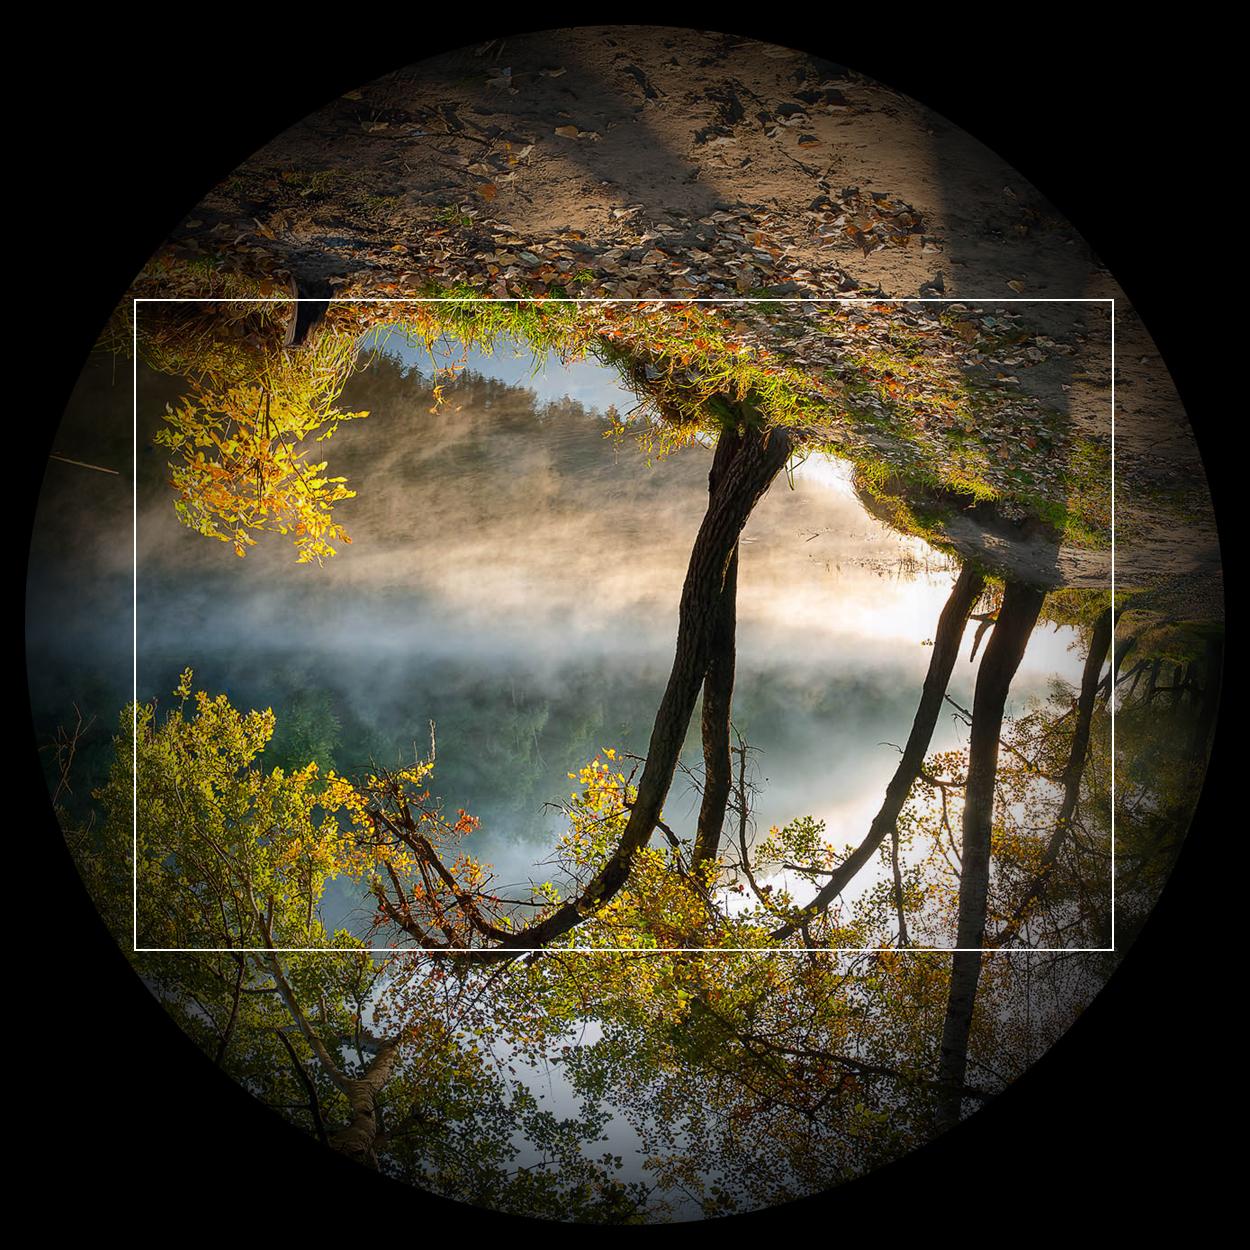 Lens image circle